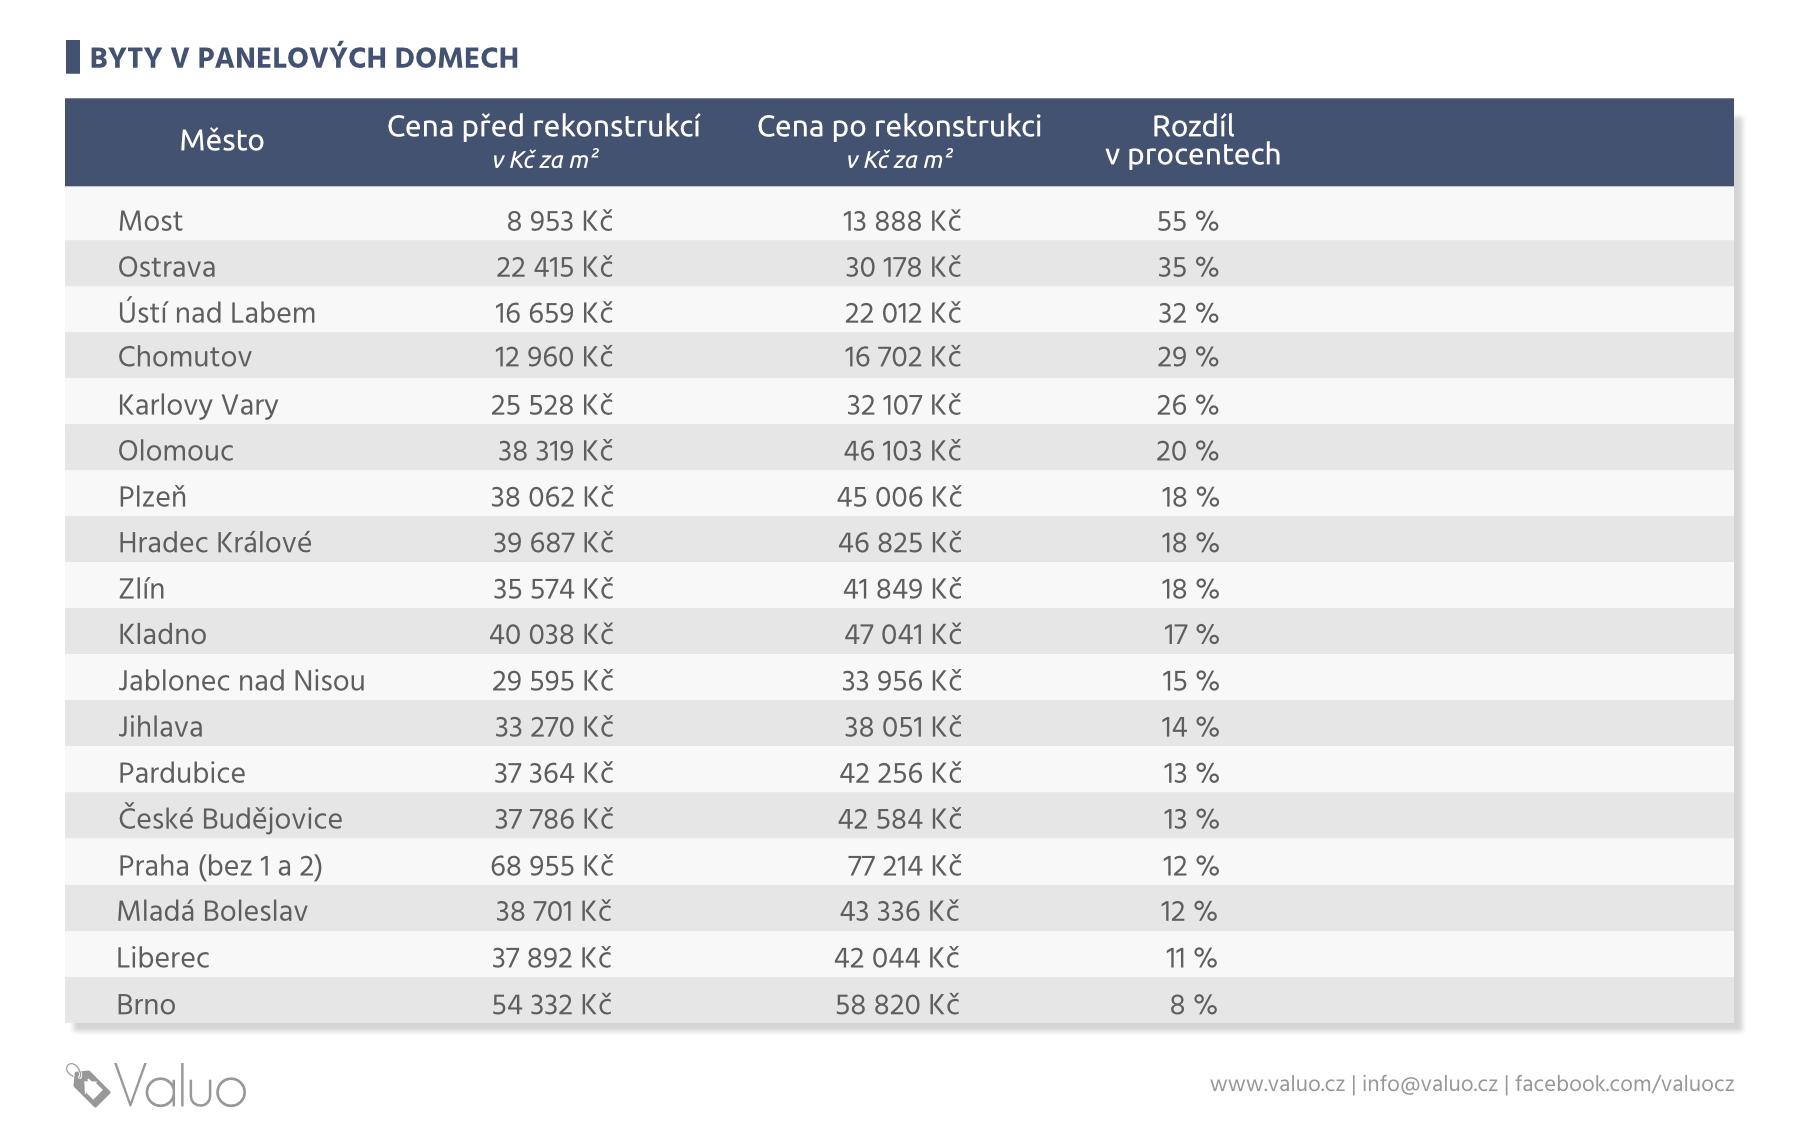 Jak ovlivní rekonstrukce cenu bytu v panelovém domě - procenta